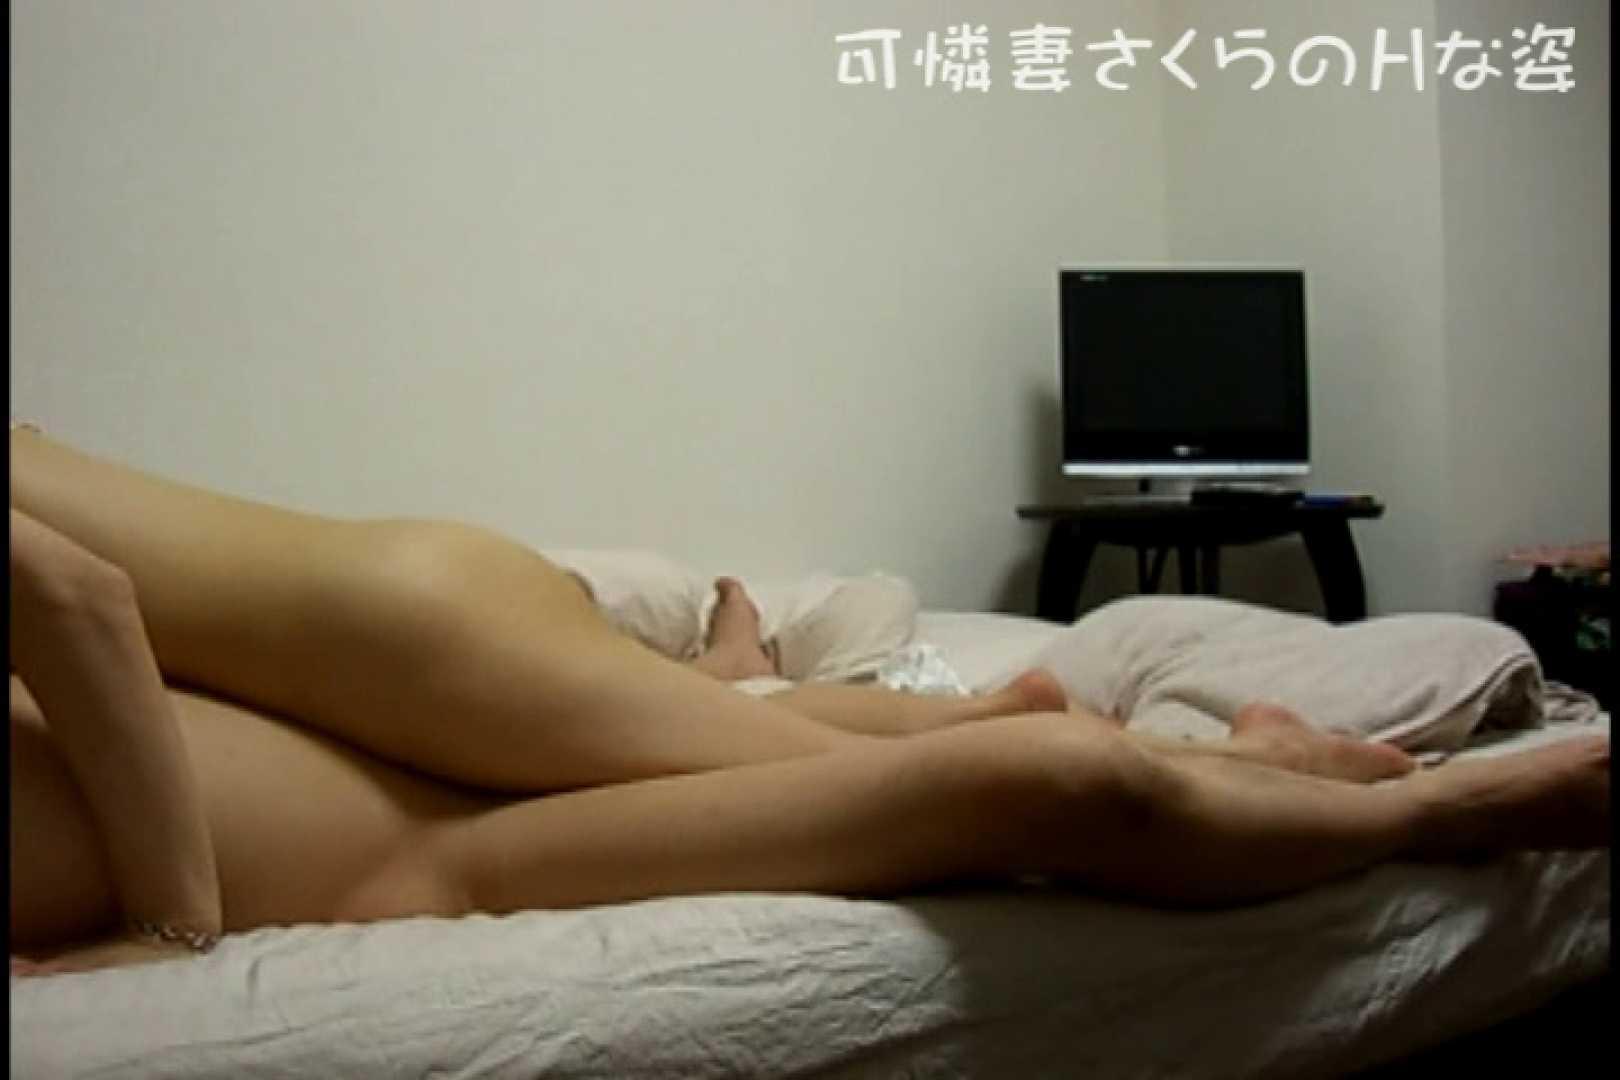 可憐妻さくらのHな姿vol.4後編 エッチなOL   セックス映像  108枚 67